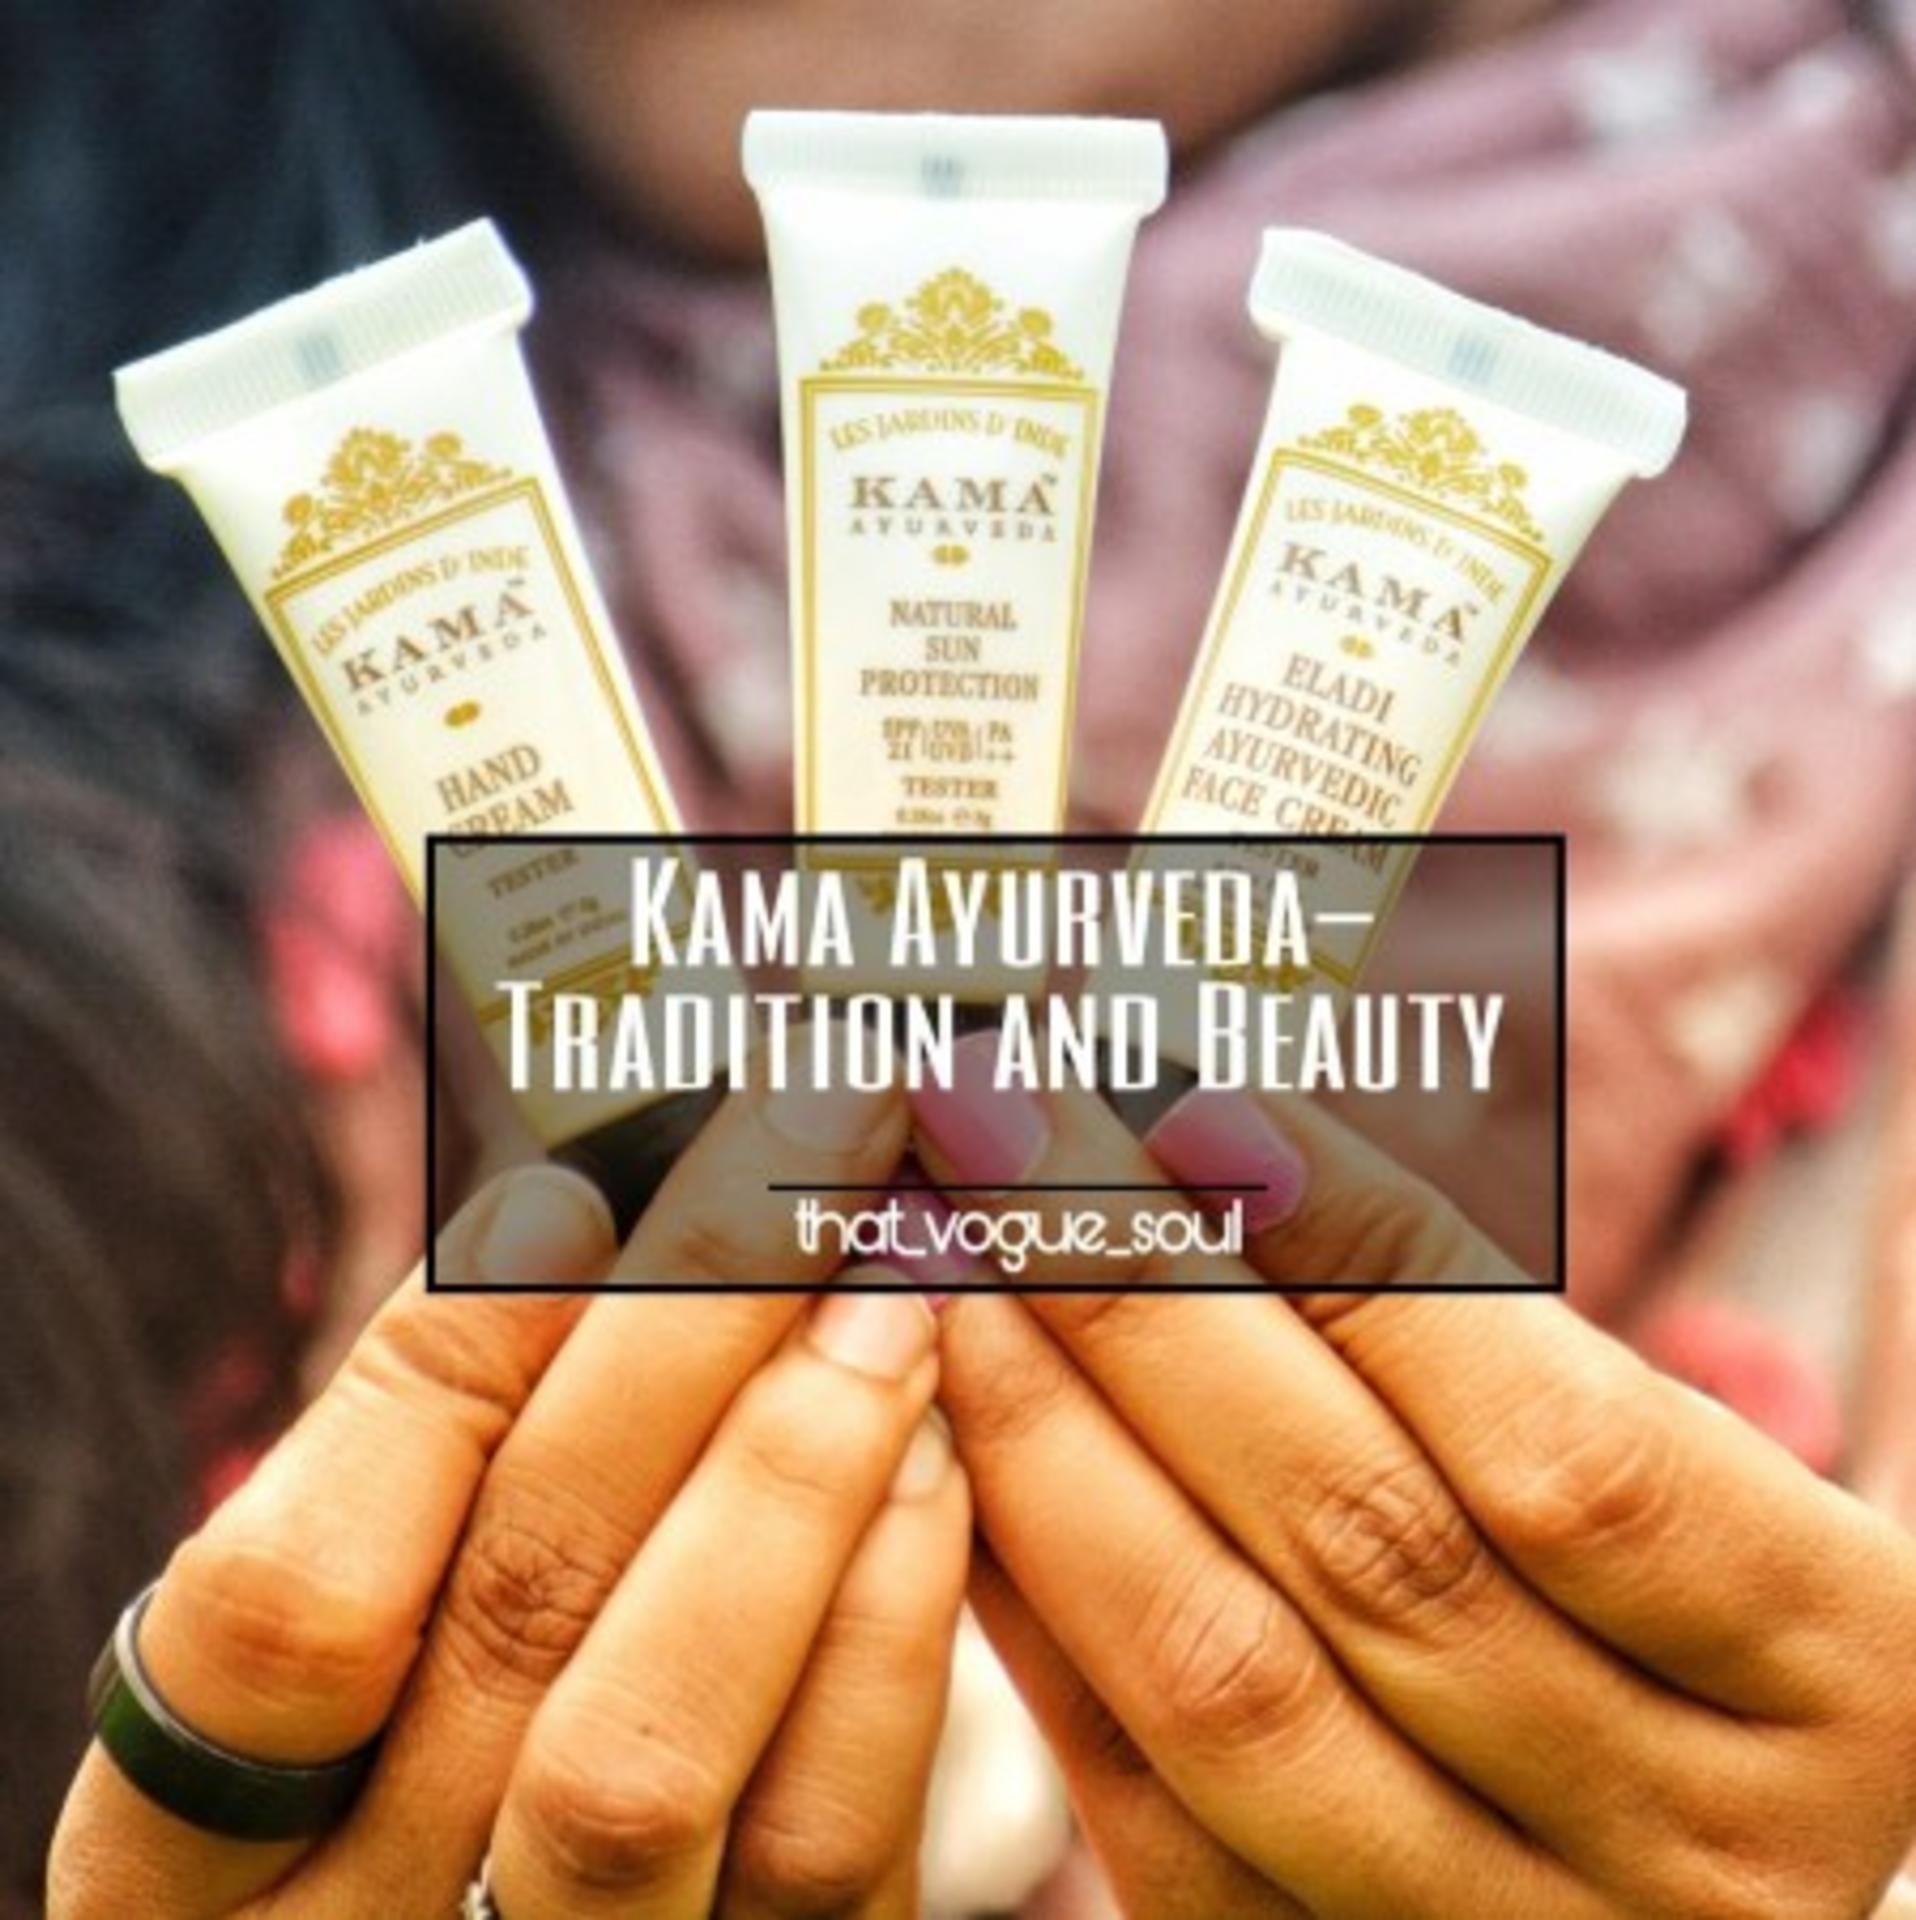 Kama Ayurveda - Tradition & Beauty image